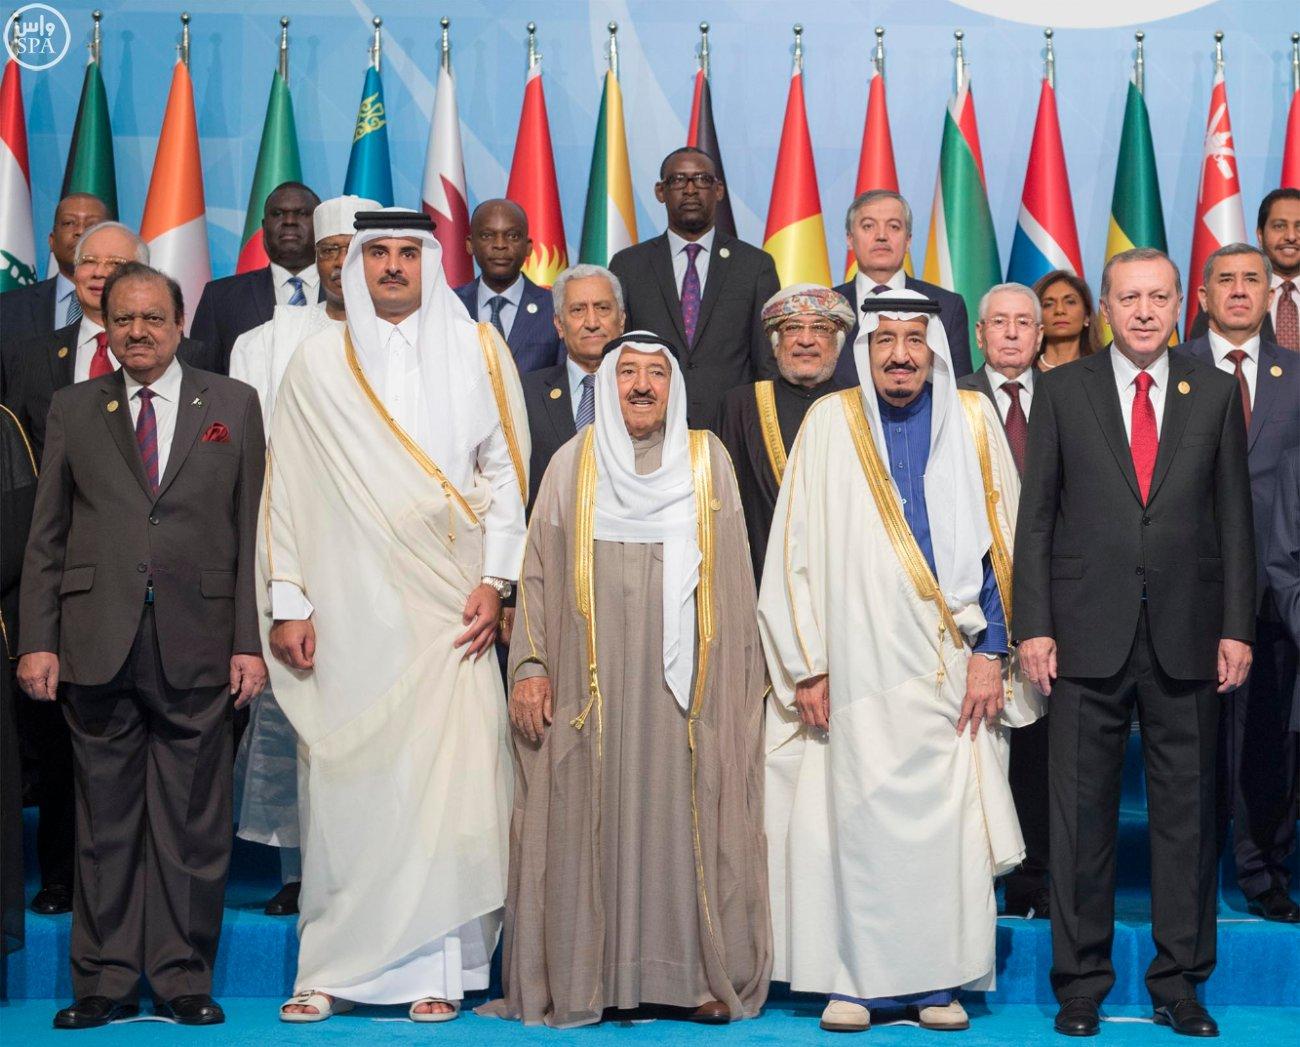 الملك سلمان بالقمة الاسلامية بتركيا (8)